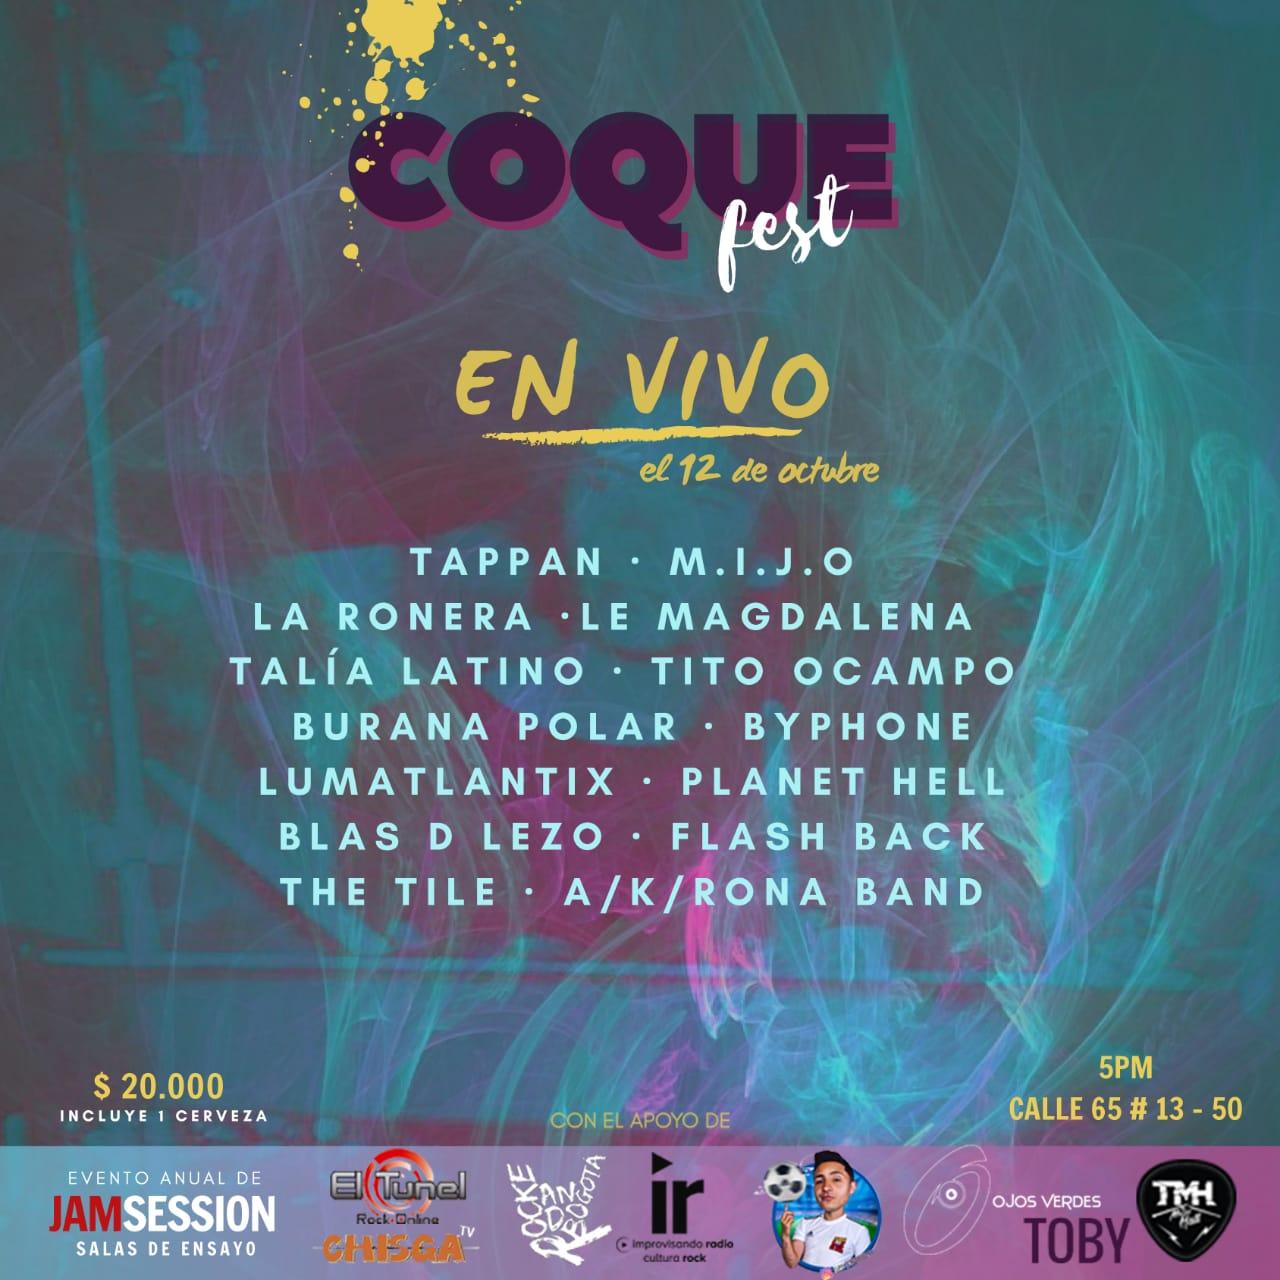 Coque Fest